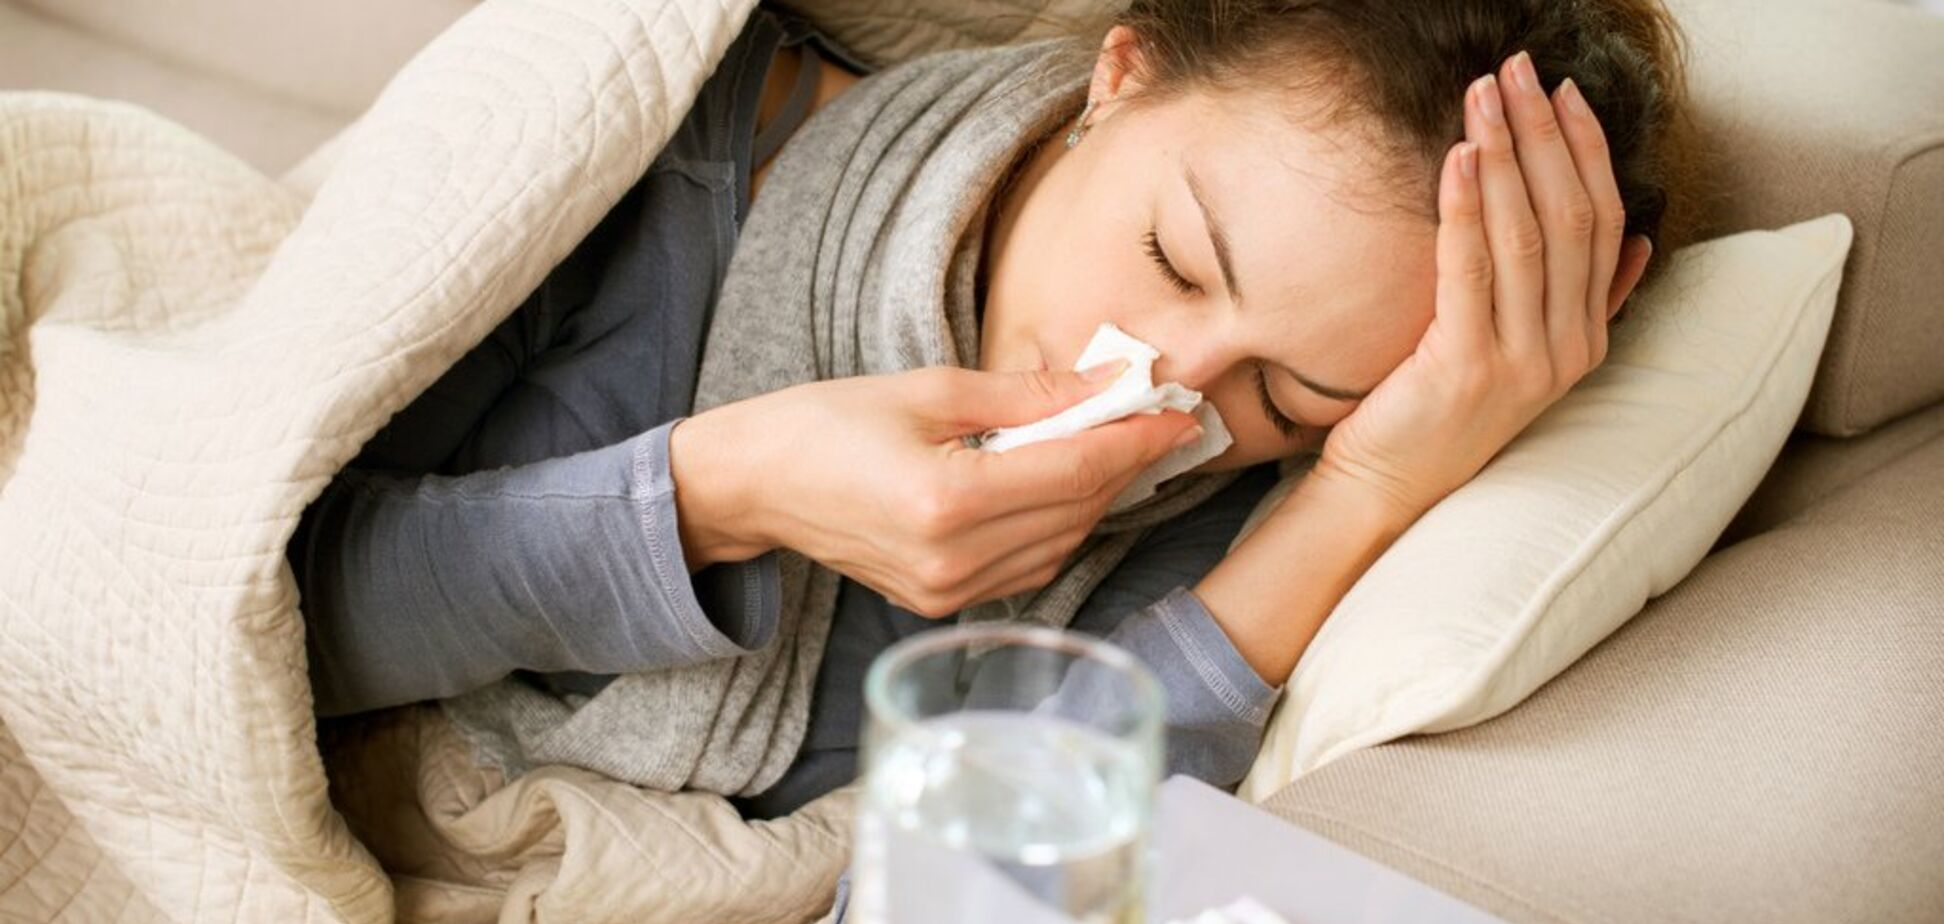 Как не заболеть гриппом: врач дал простые советы украинцам